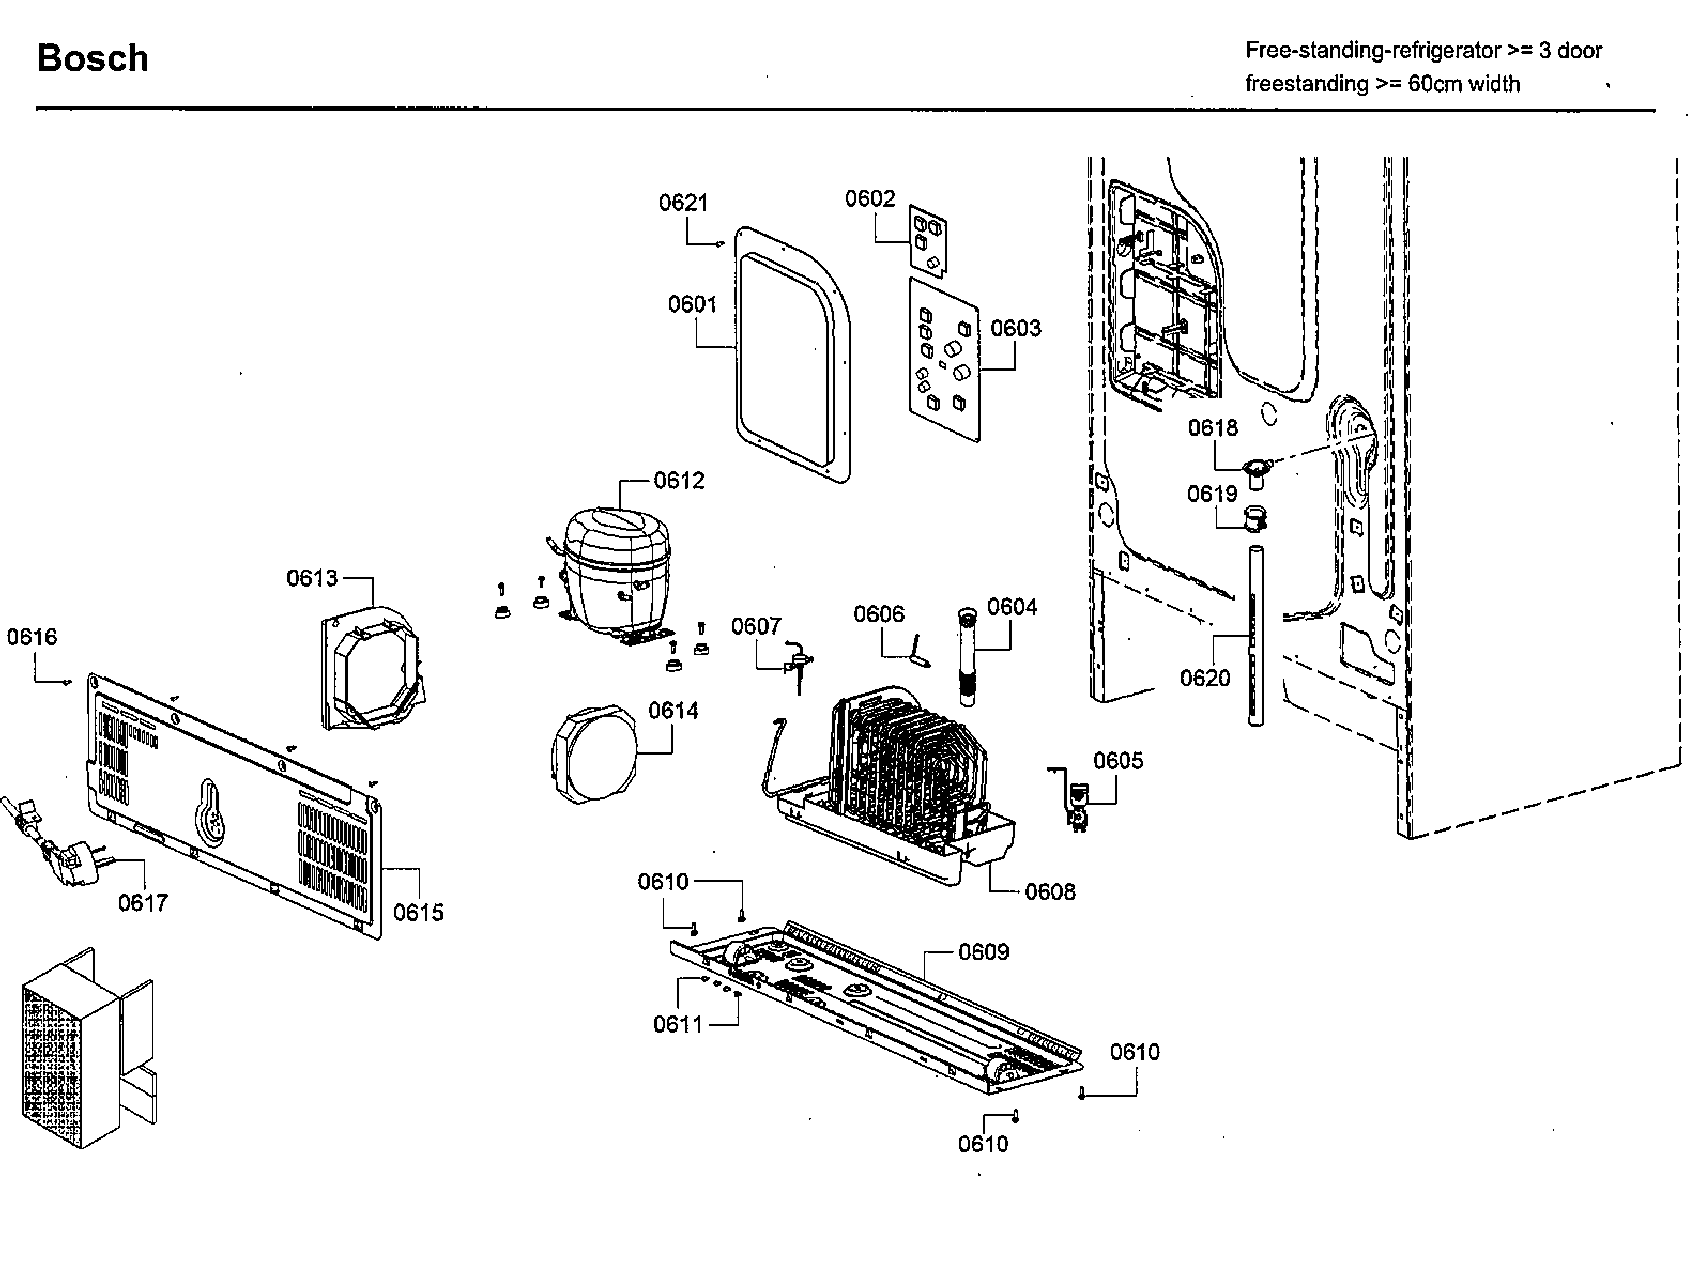 Bosch model B21CL80SNS/02 bottom-mount refrigerator